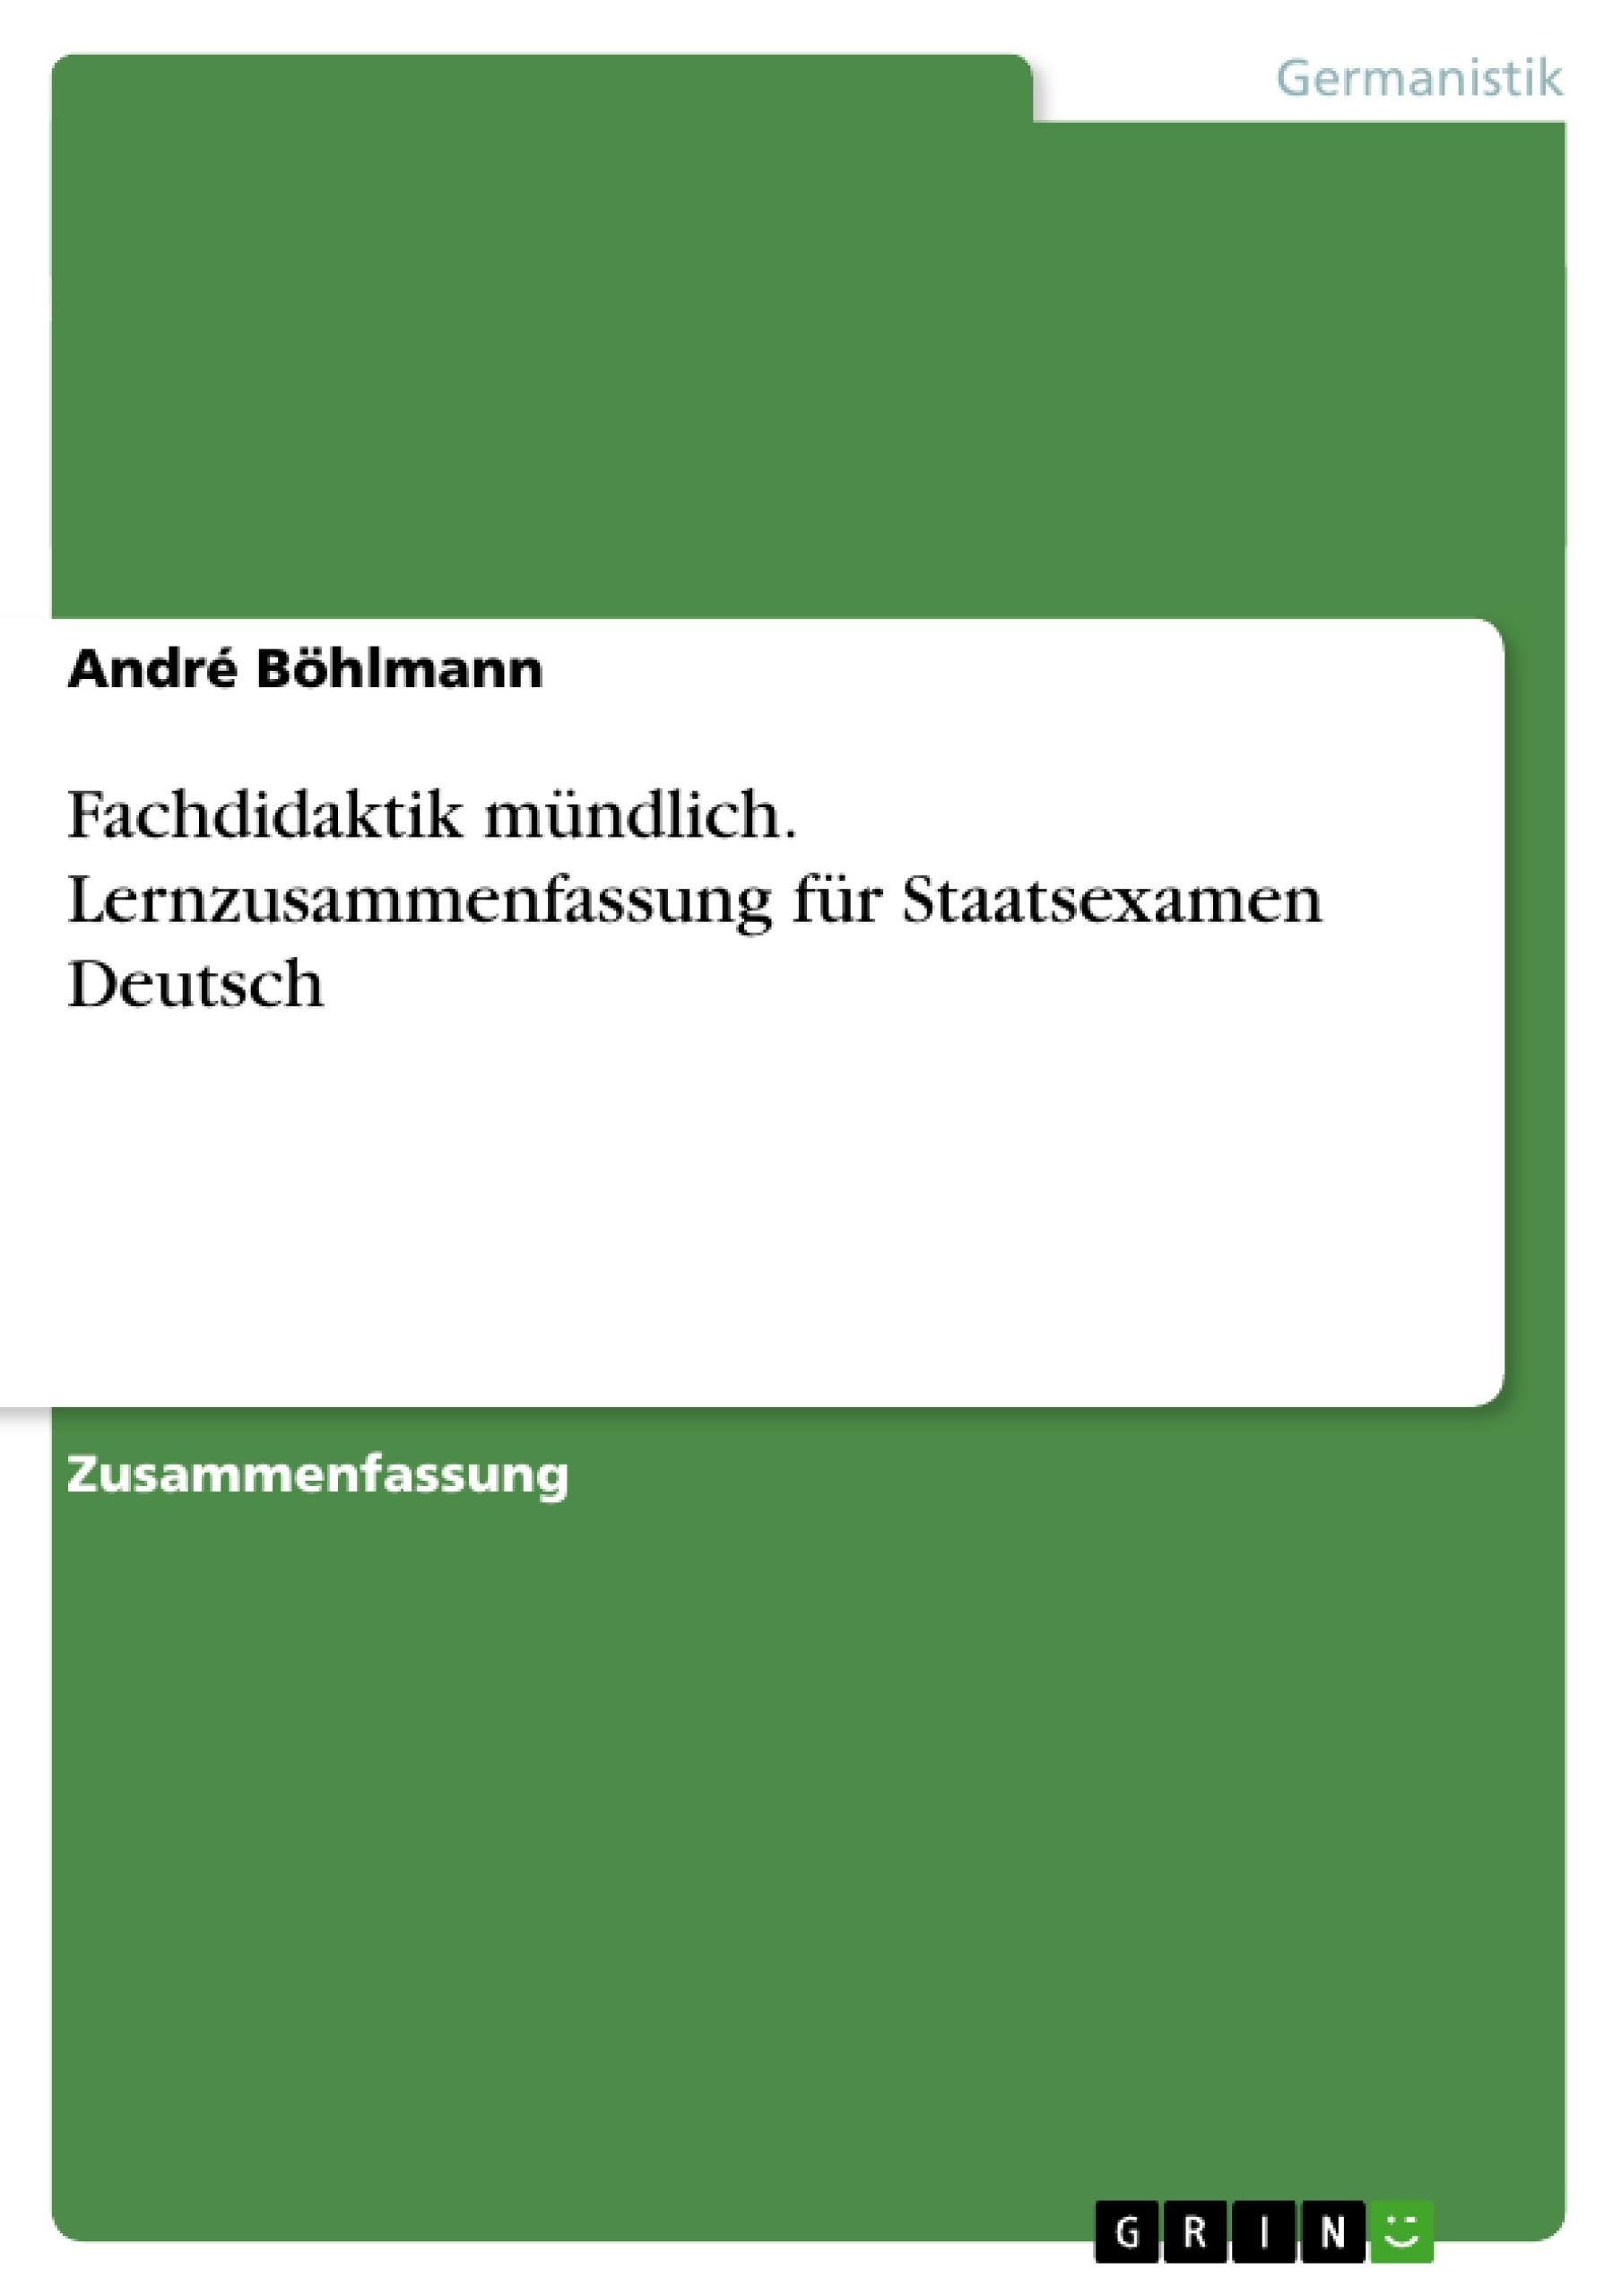 Titel: Fachdidaktik mündlich. Lernzusammenfassung für Staatsexamen Deutsch